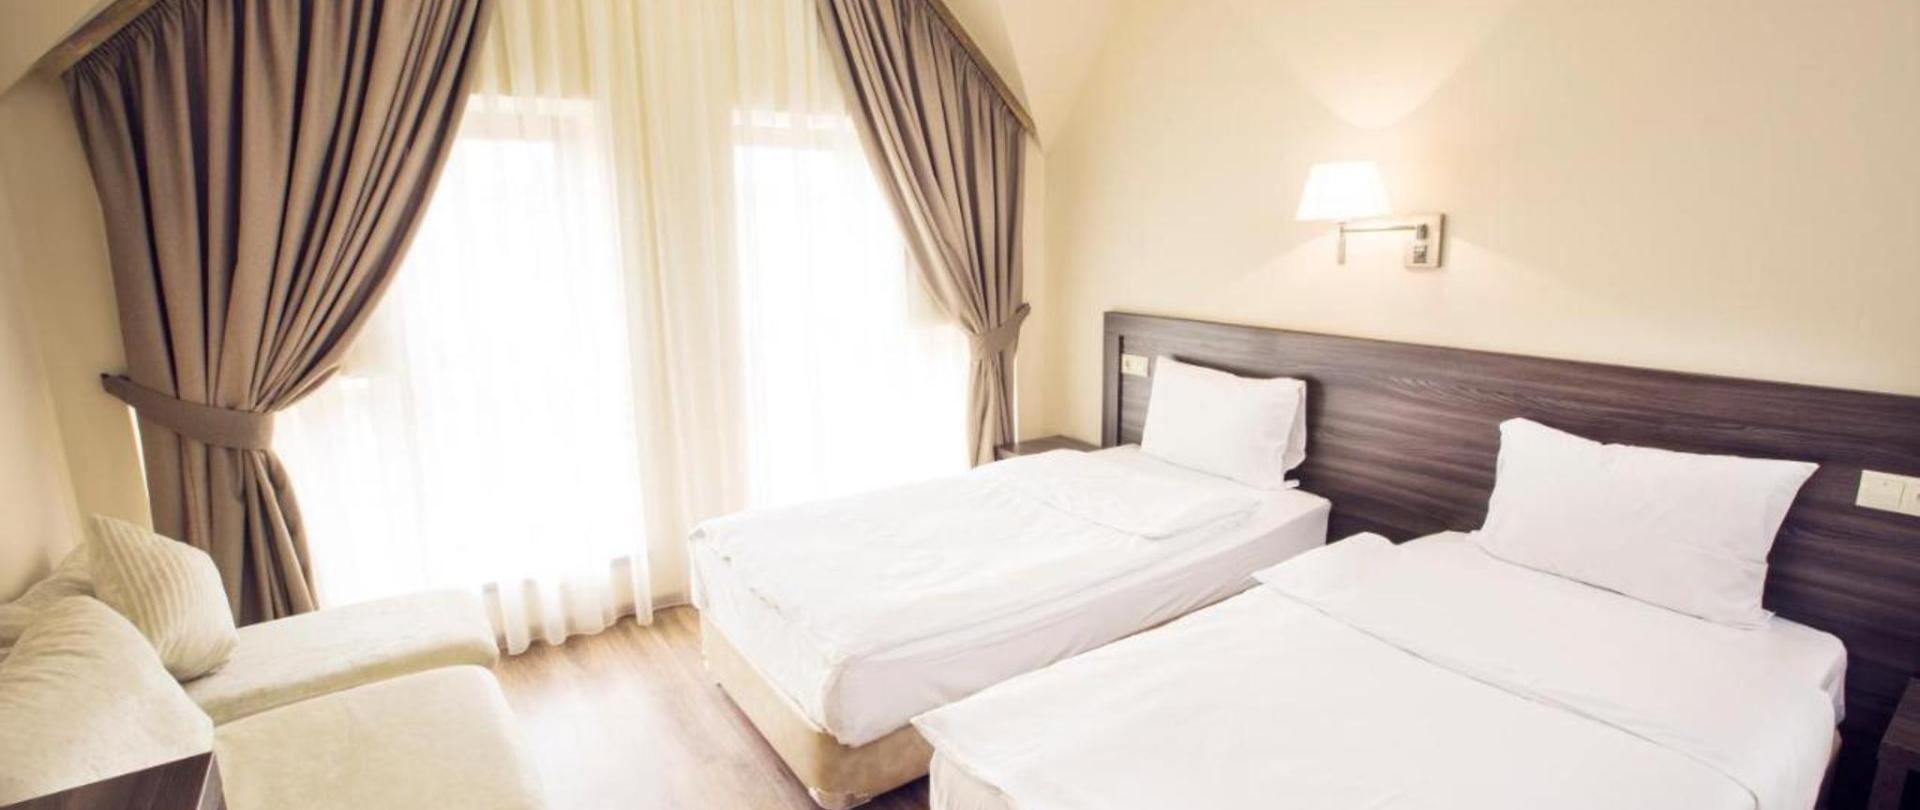 هتل کسکاده ایروان